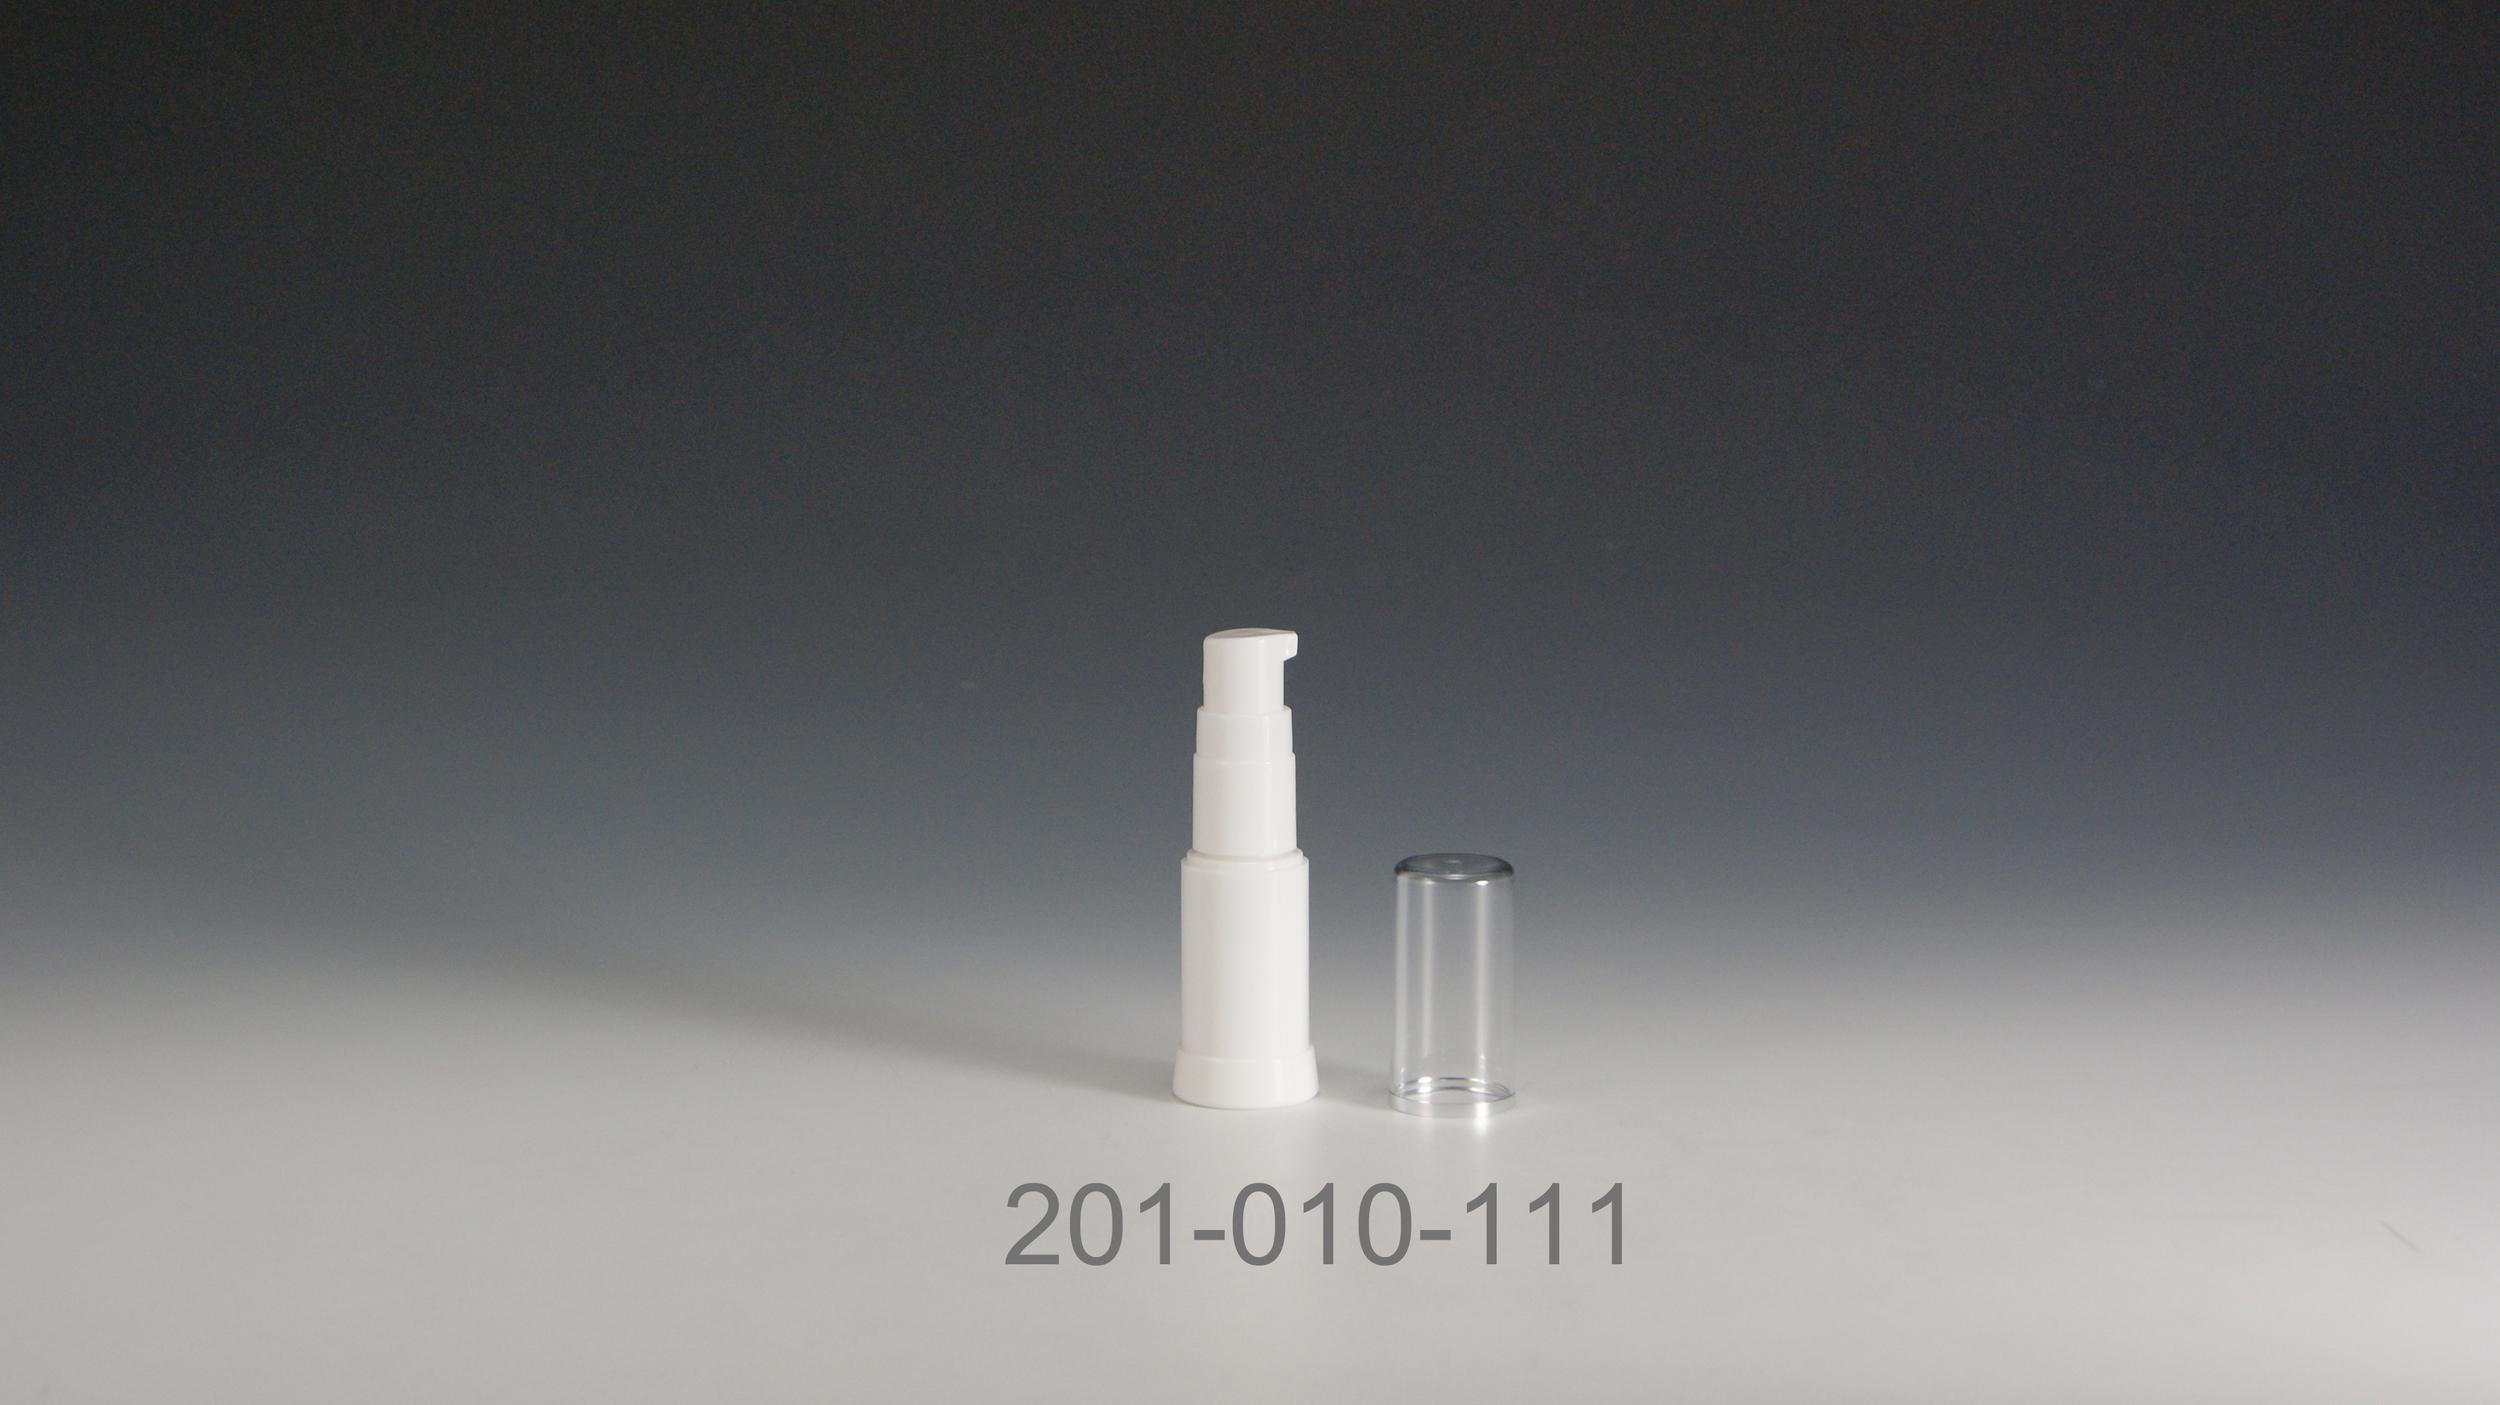 201-010-111.jpg